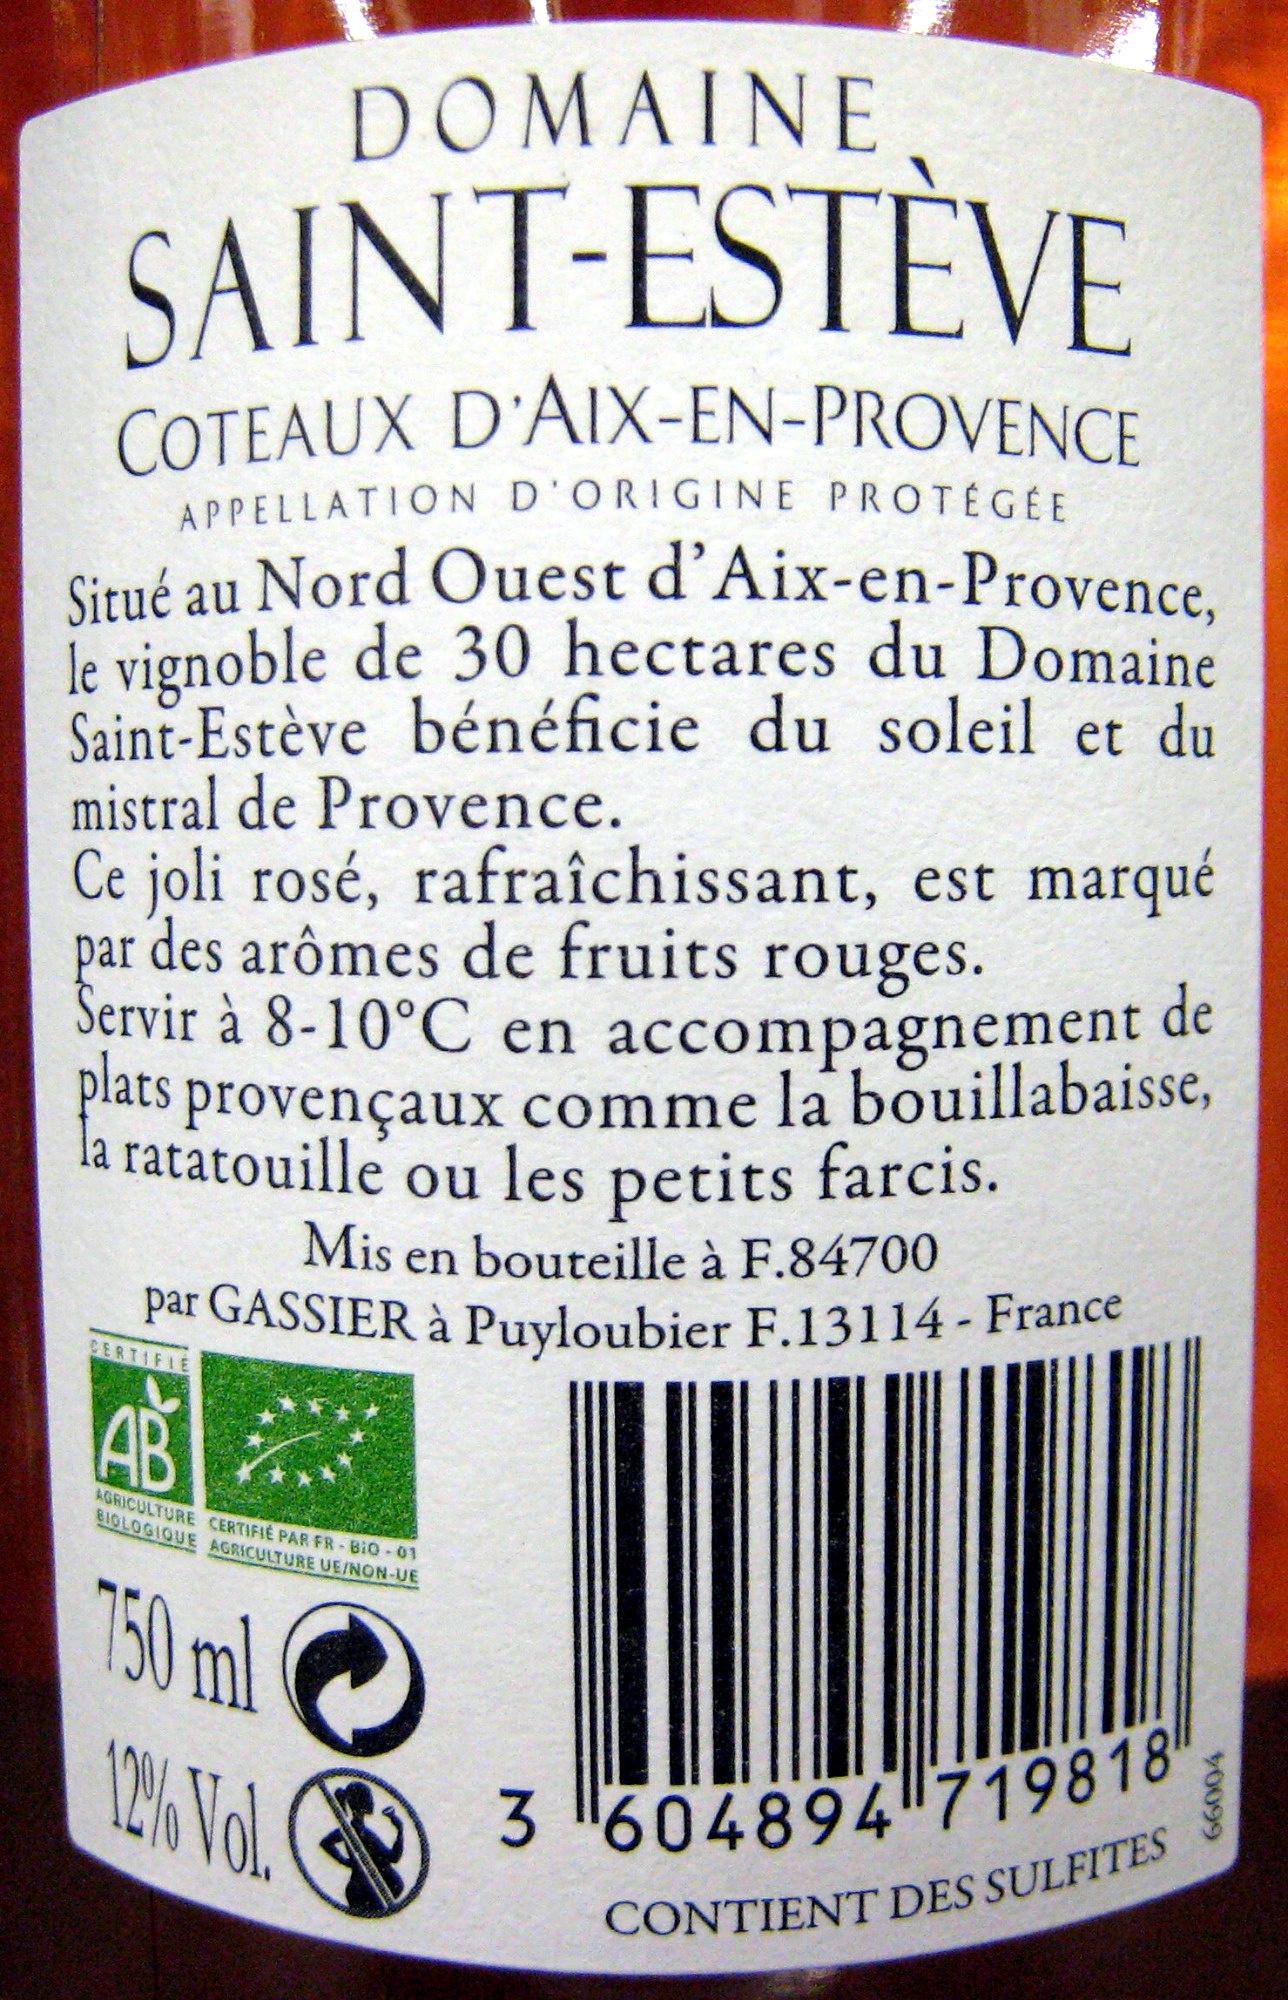 Côteaux d'Aix en Provence AOP 2012 Bio Domaine Saint Estève - Ingredients - fr